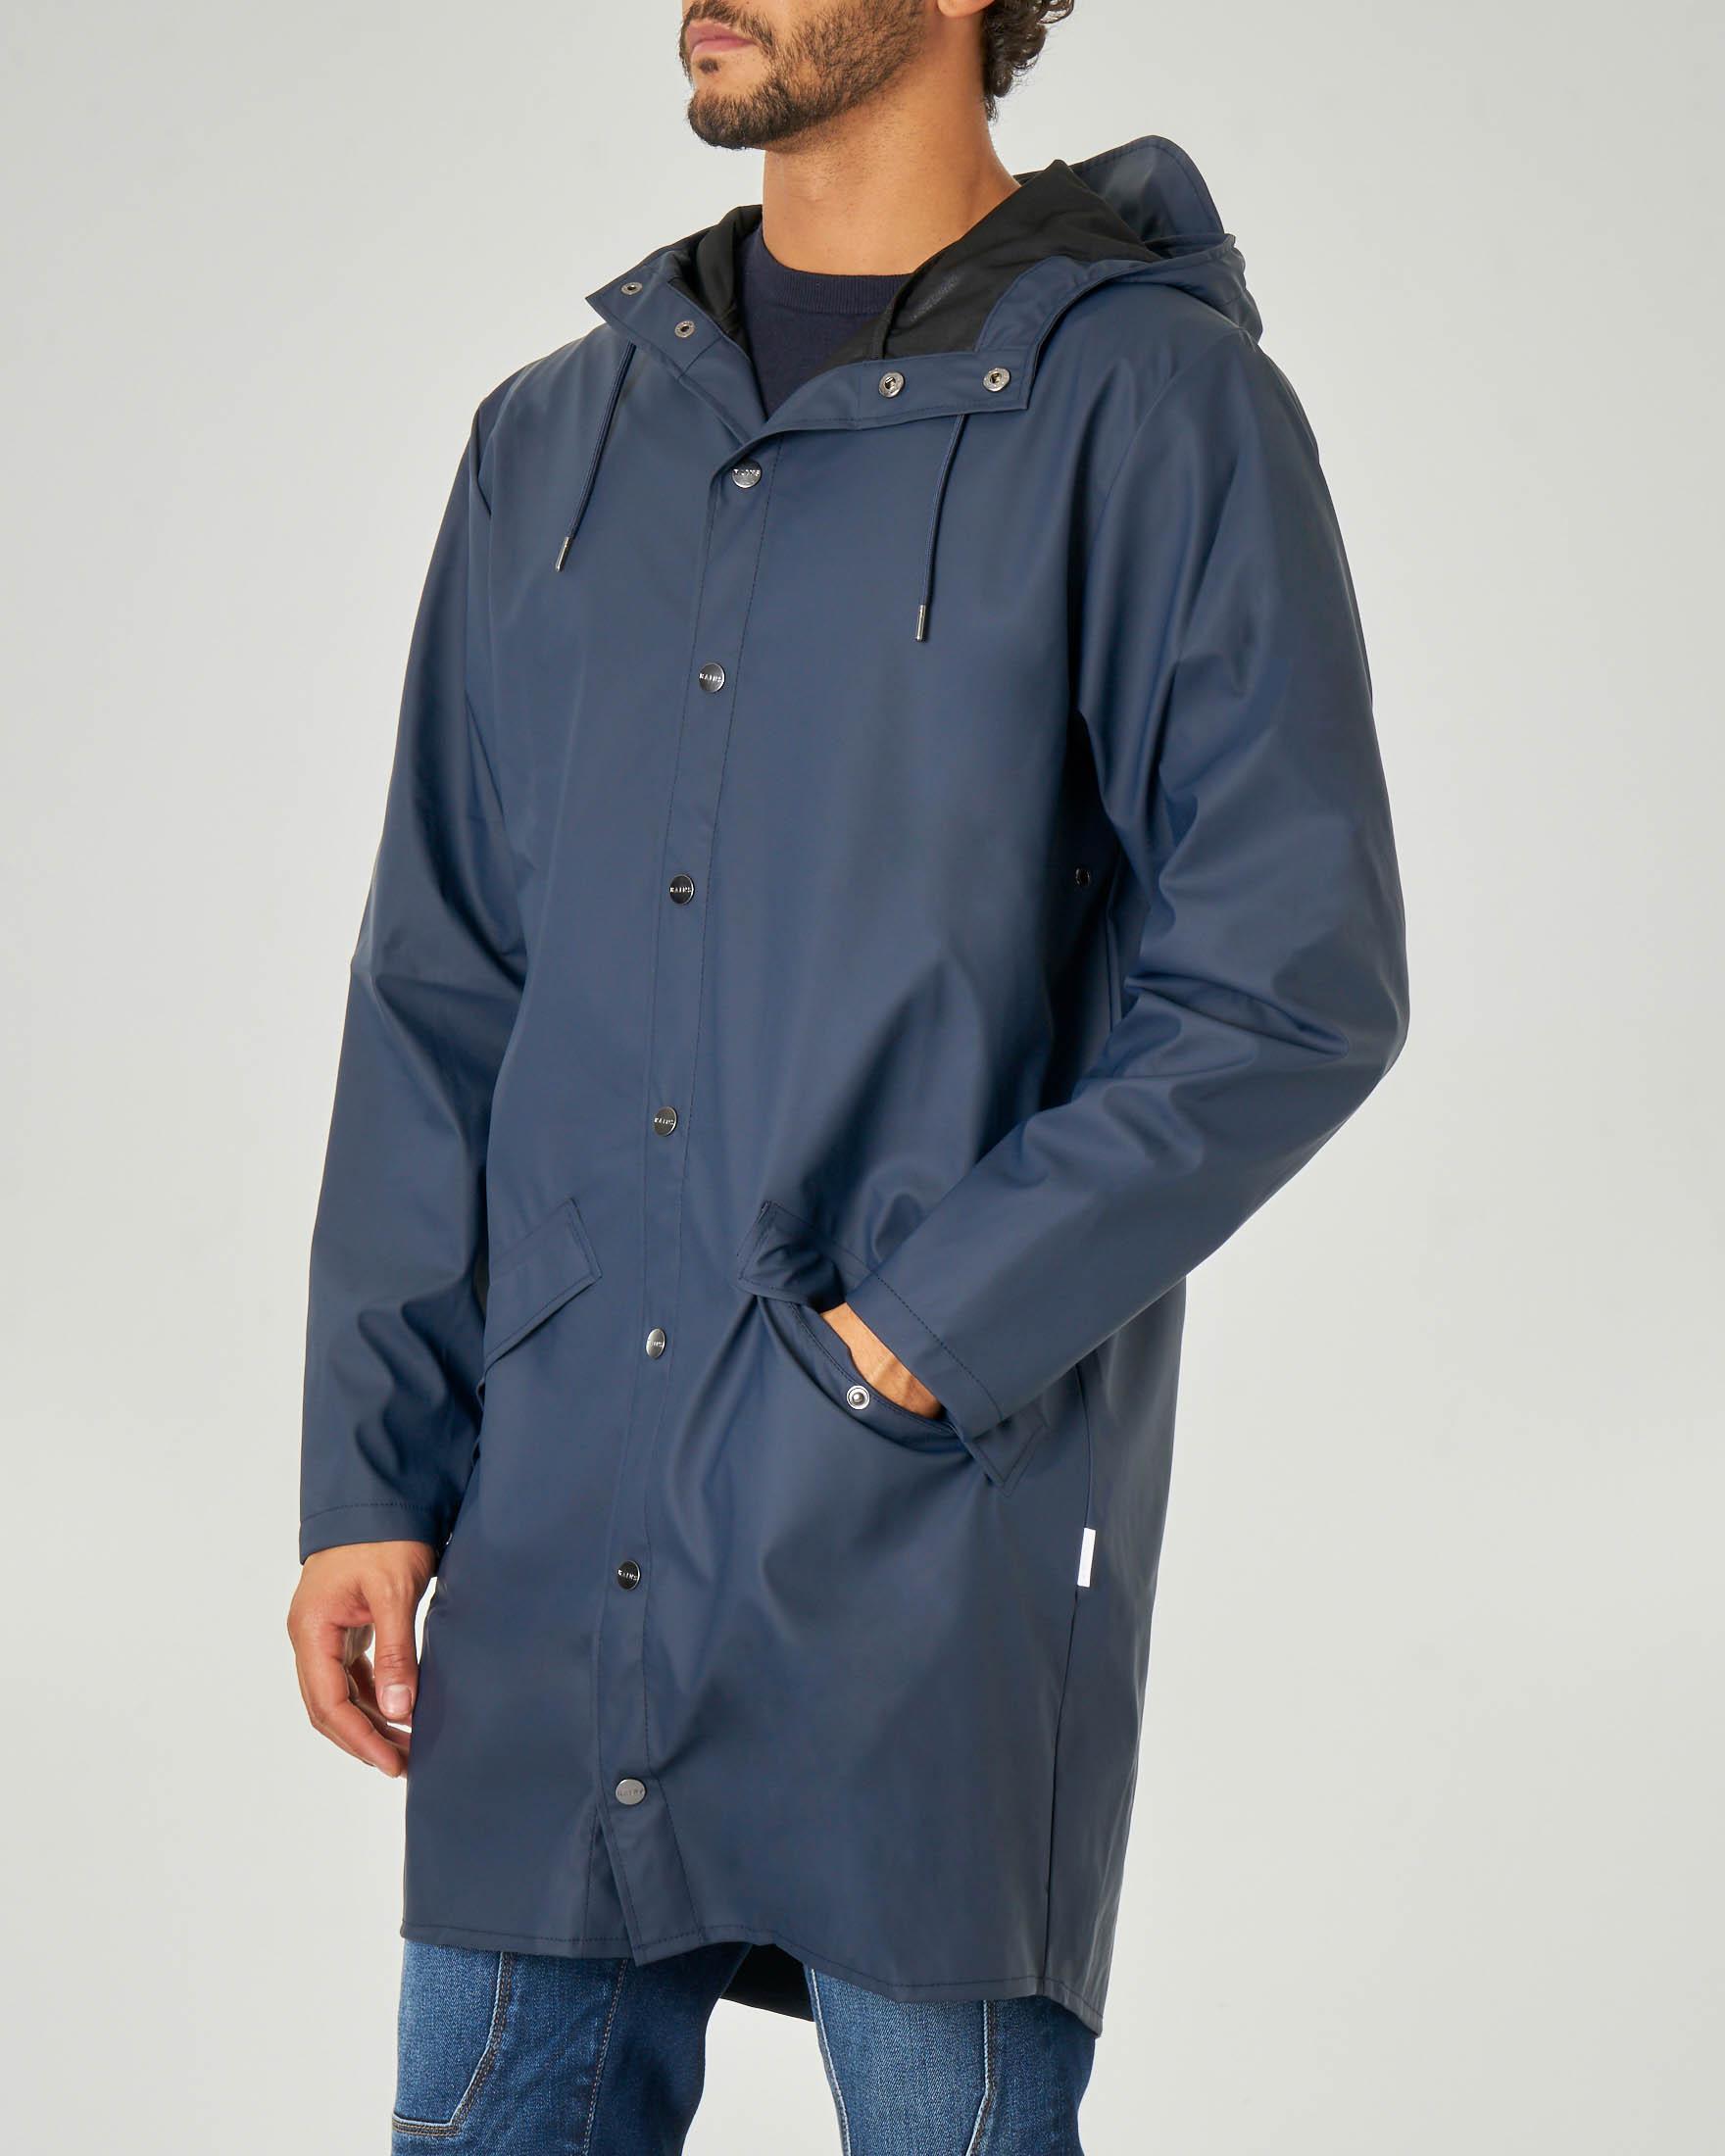 Impermeabile Long Jacket blu